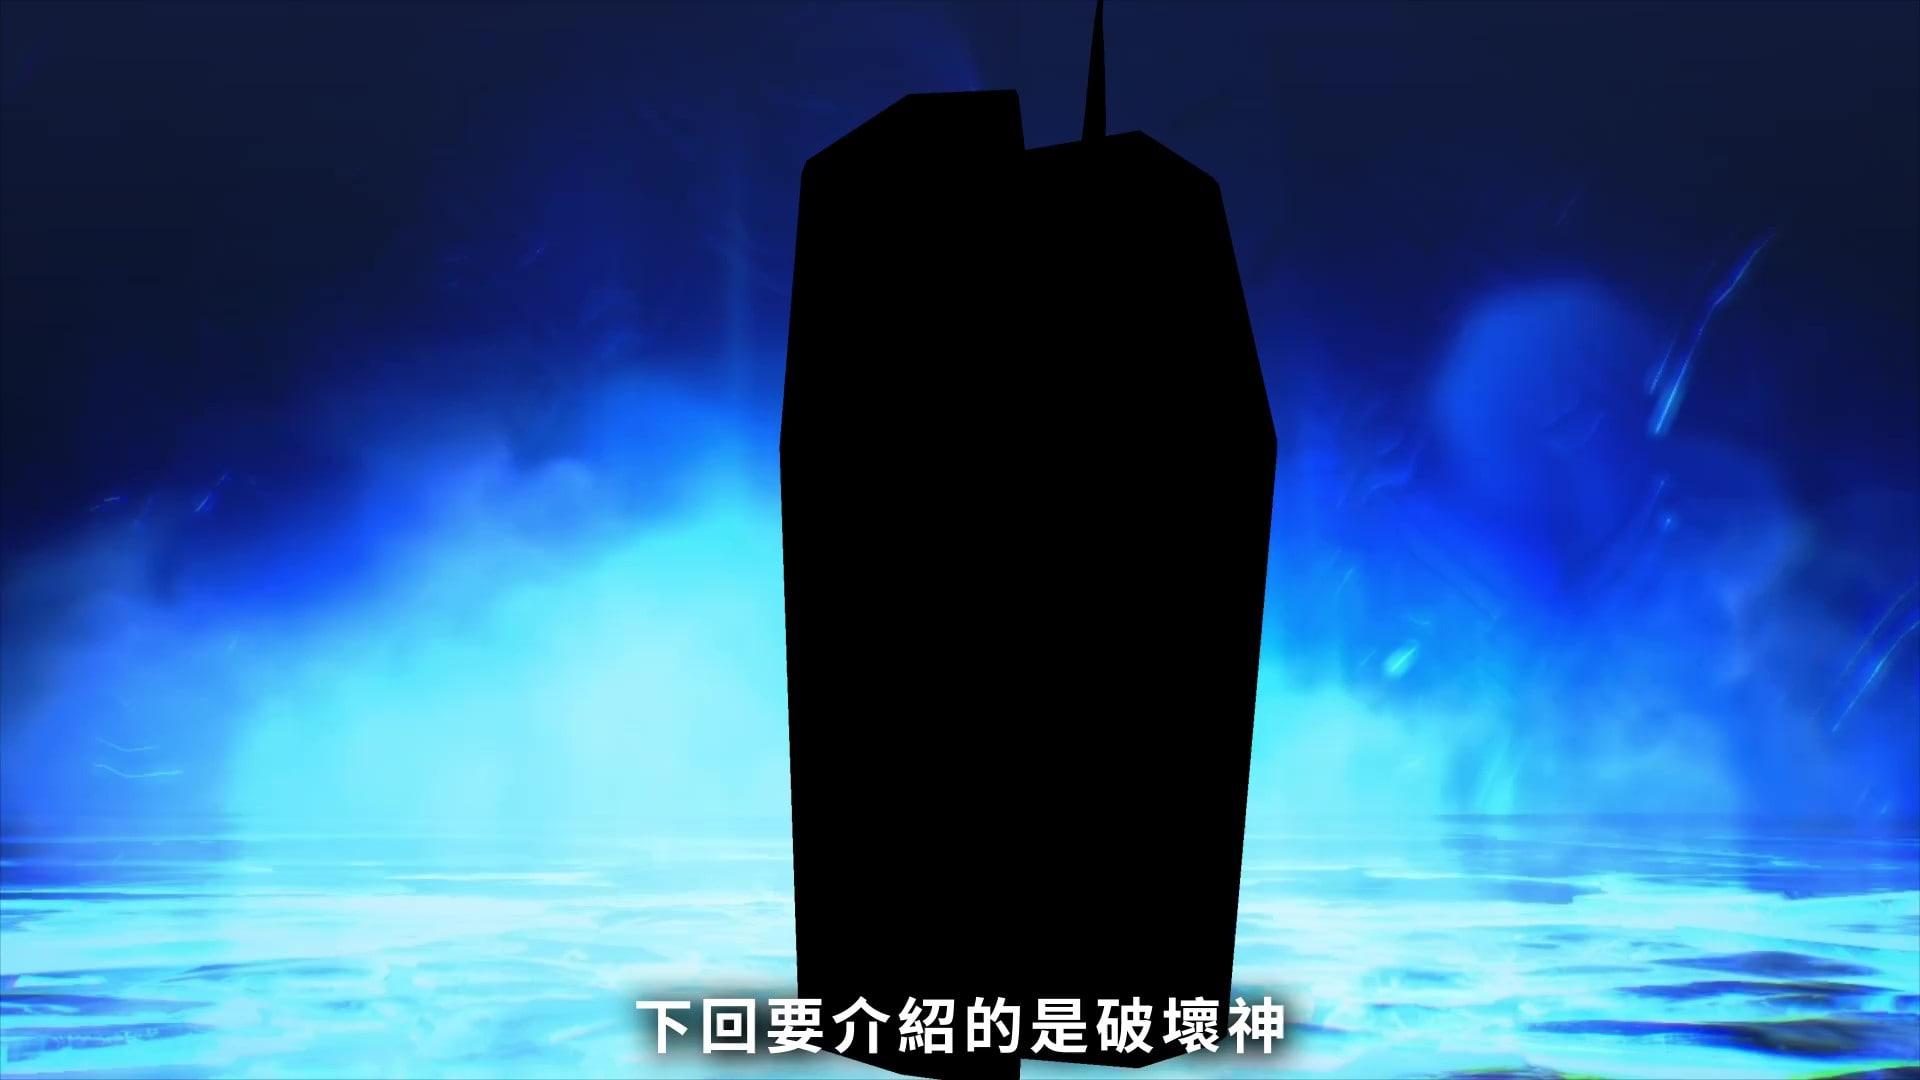 《真女神转生5》恶魔介绍:日本地母神菊理媛